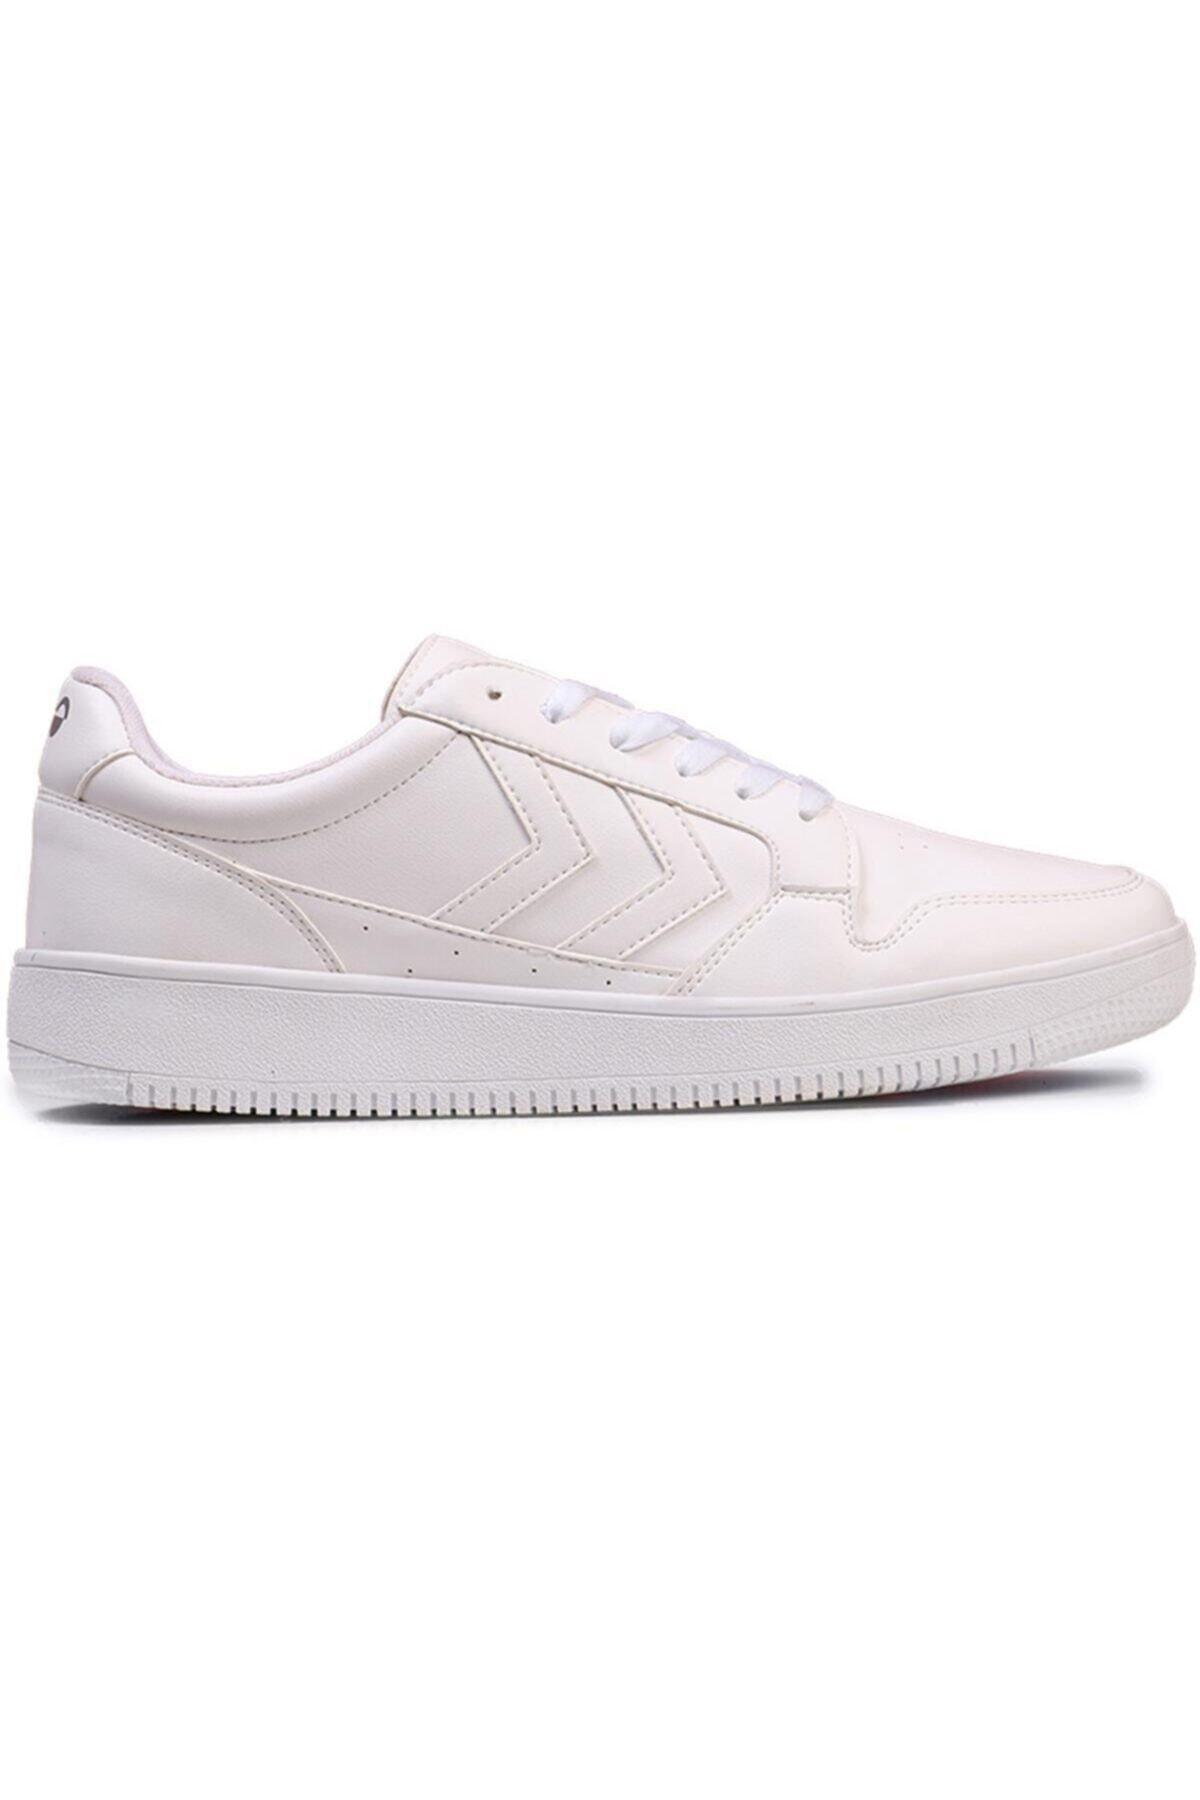 HUMMEL Hmlnelsen Kadın-erkek Ayakkabı 206305-9001 1